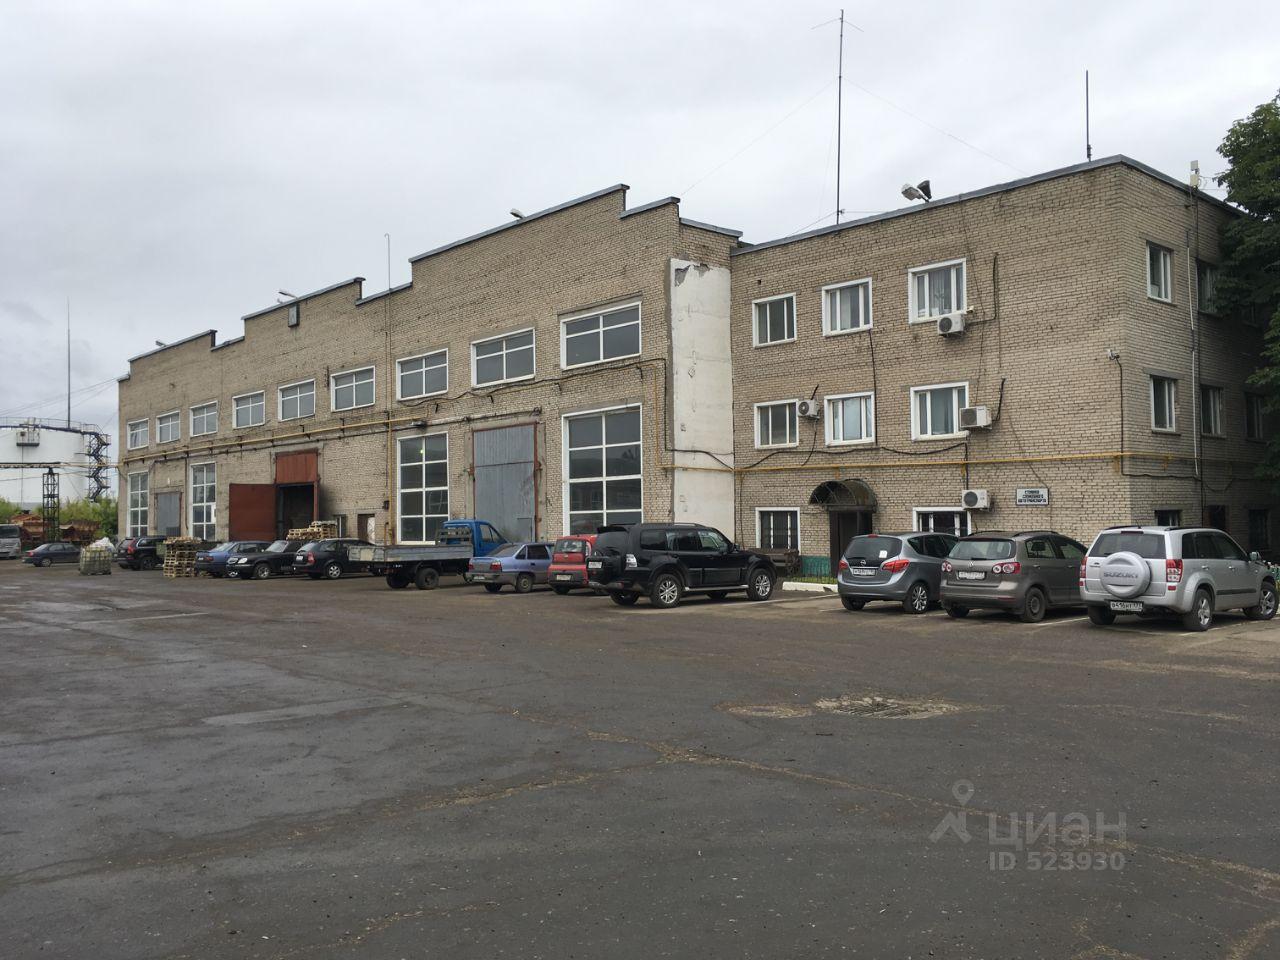 Продаю помещение под производство 6716м² Нефтебазовский проезд, 7, Подольск, Московская область м. Аннино - база ЦИАН, объявление 194212739